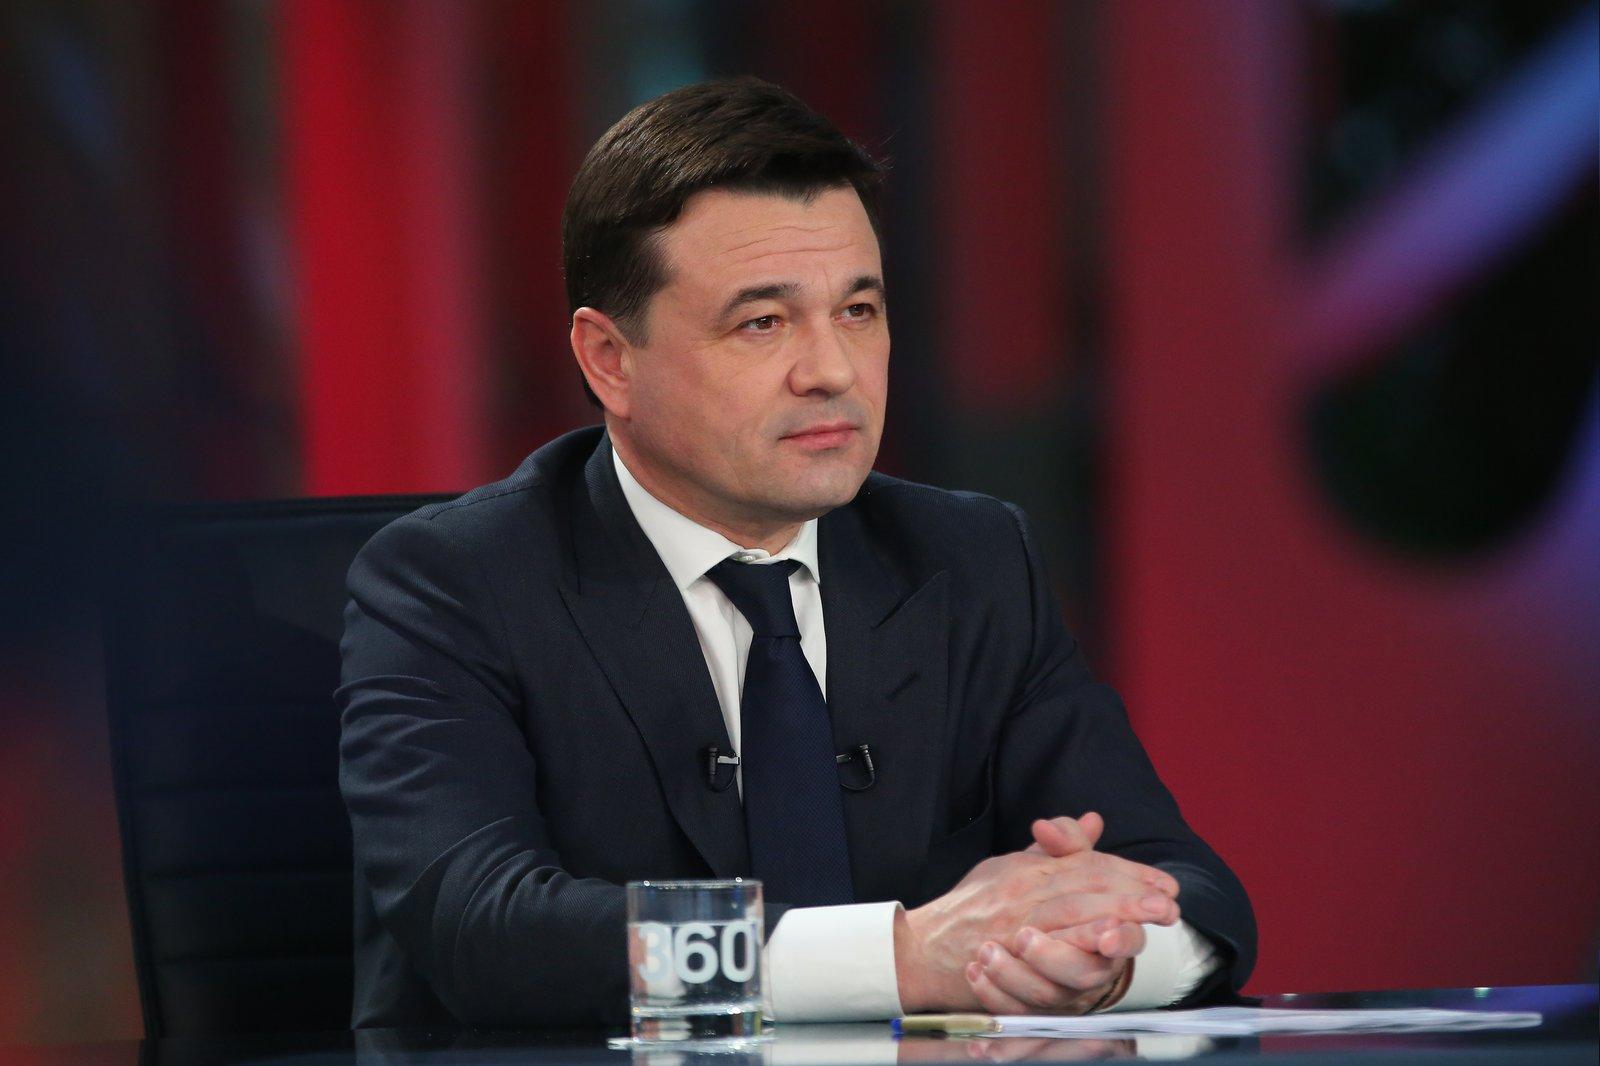 Андрей Воробьев губернатор московской области - Итоги февраля в эфире телеканала «360°»